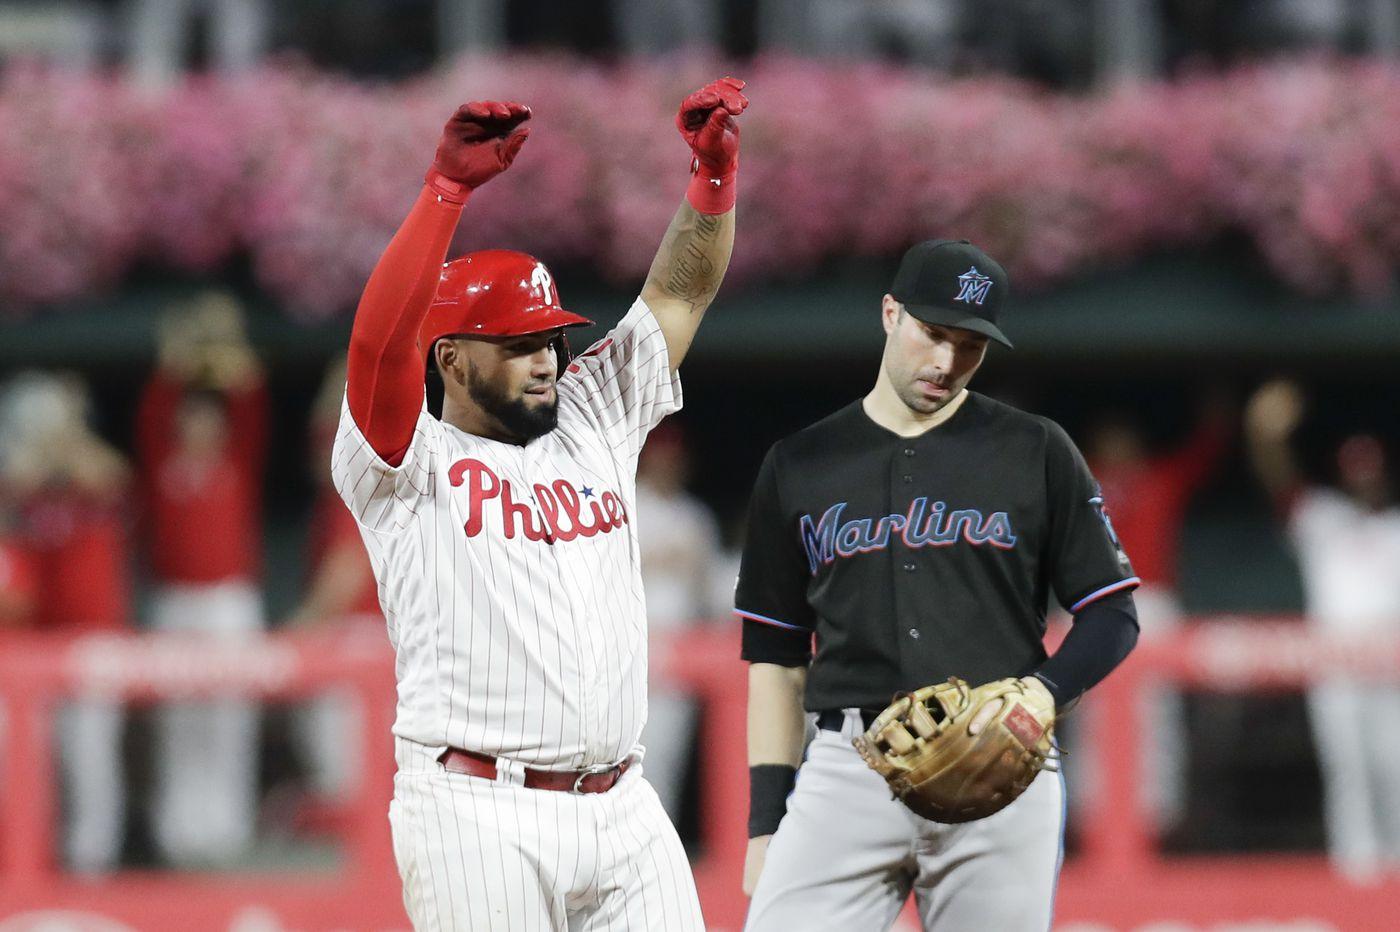 Phillies sign infielder Neil Walker to minor-league deal